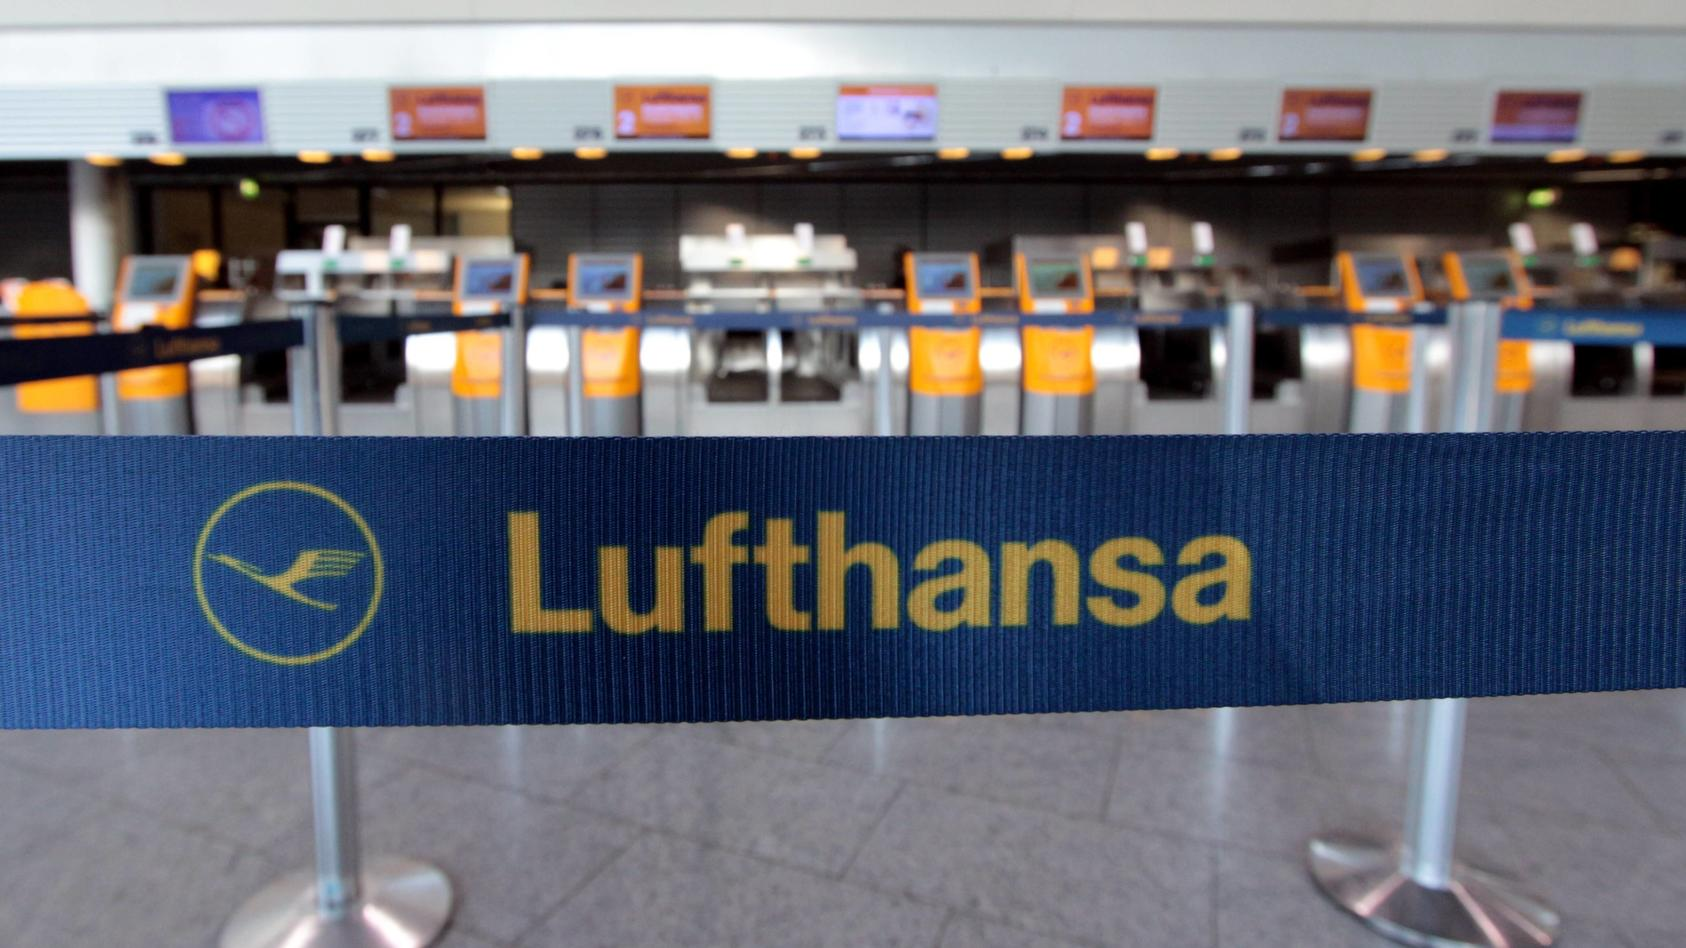 Absperrband mit Logo und Schriftzug Lufthansa vor menschenleer en Check-in Schaltern am Flughafen Frankfurt, Hessen, De